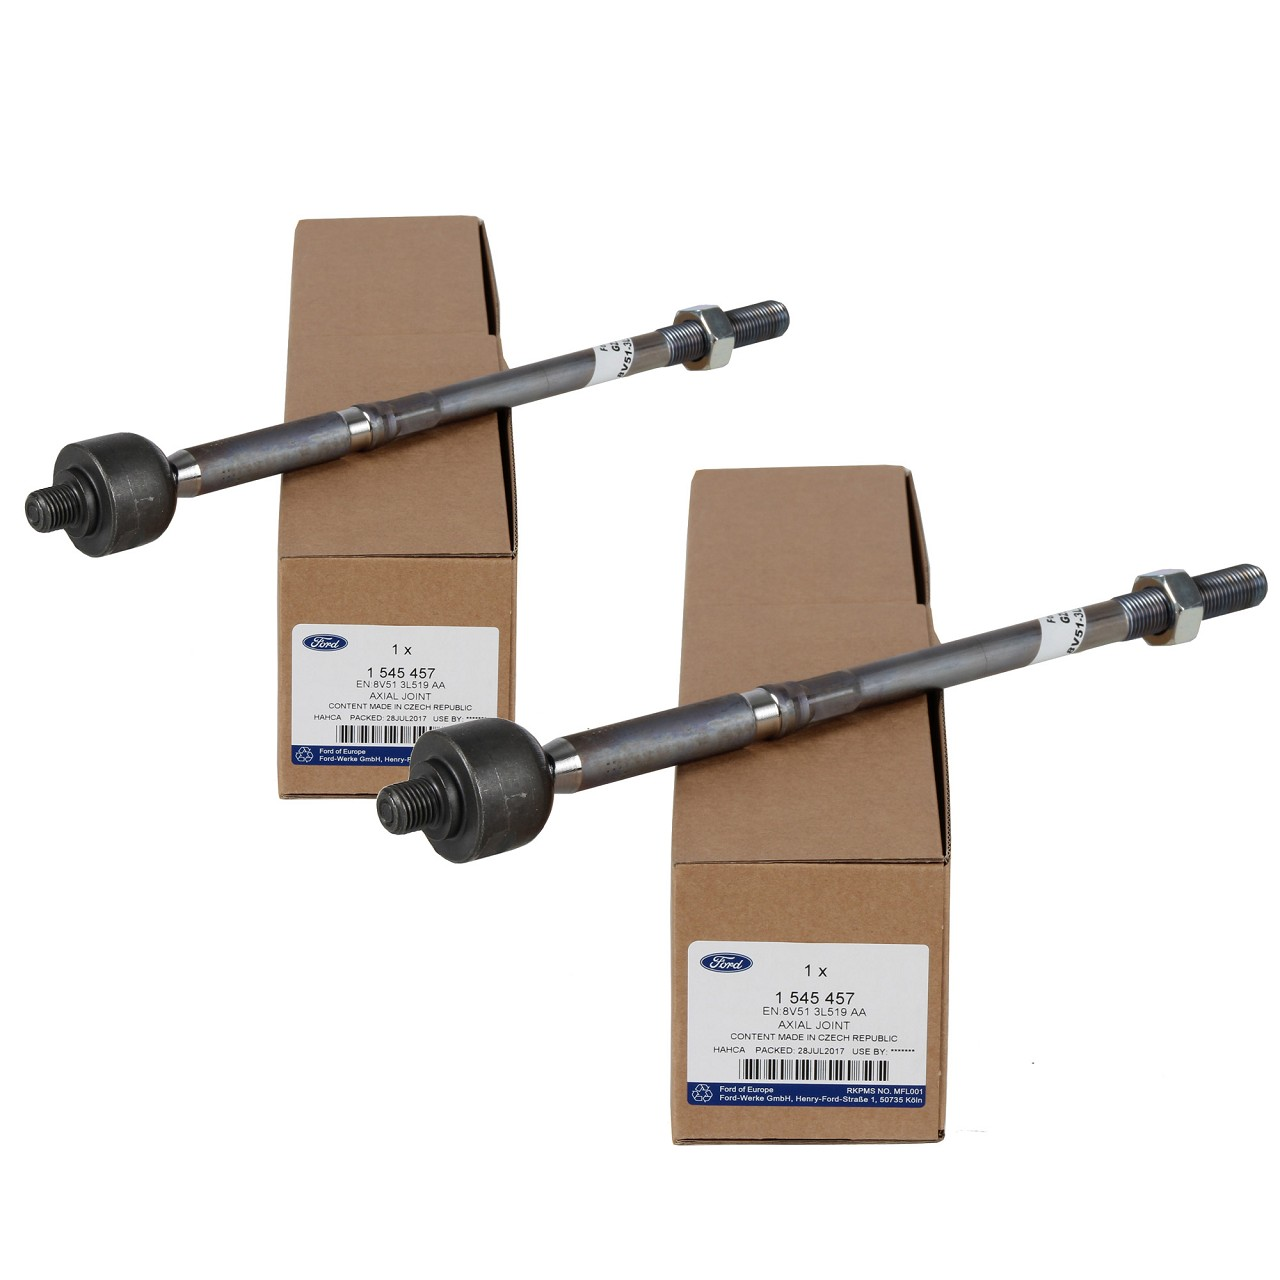 2x ORIGINAL Ford Spurstange Axialgelenk B-MAX ECOSPORT FIESTA VI vorne 1545457